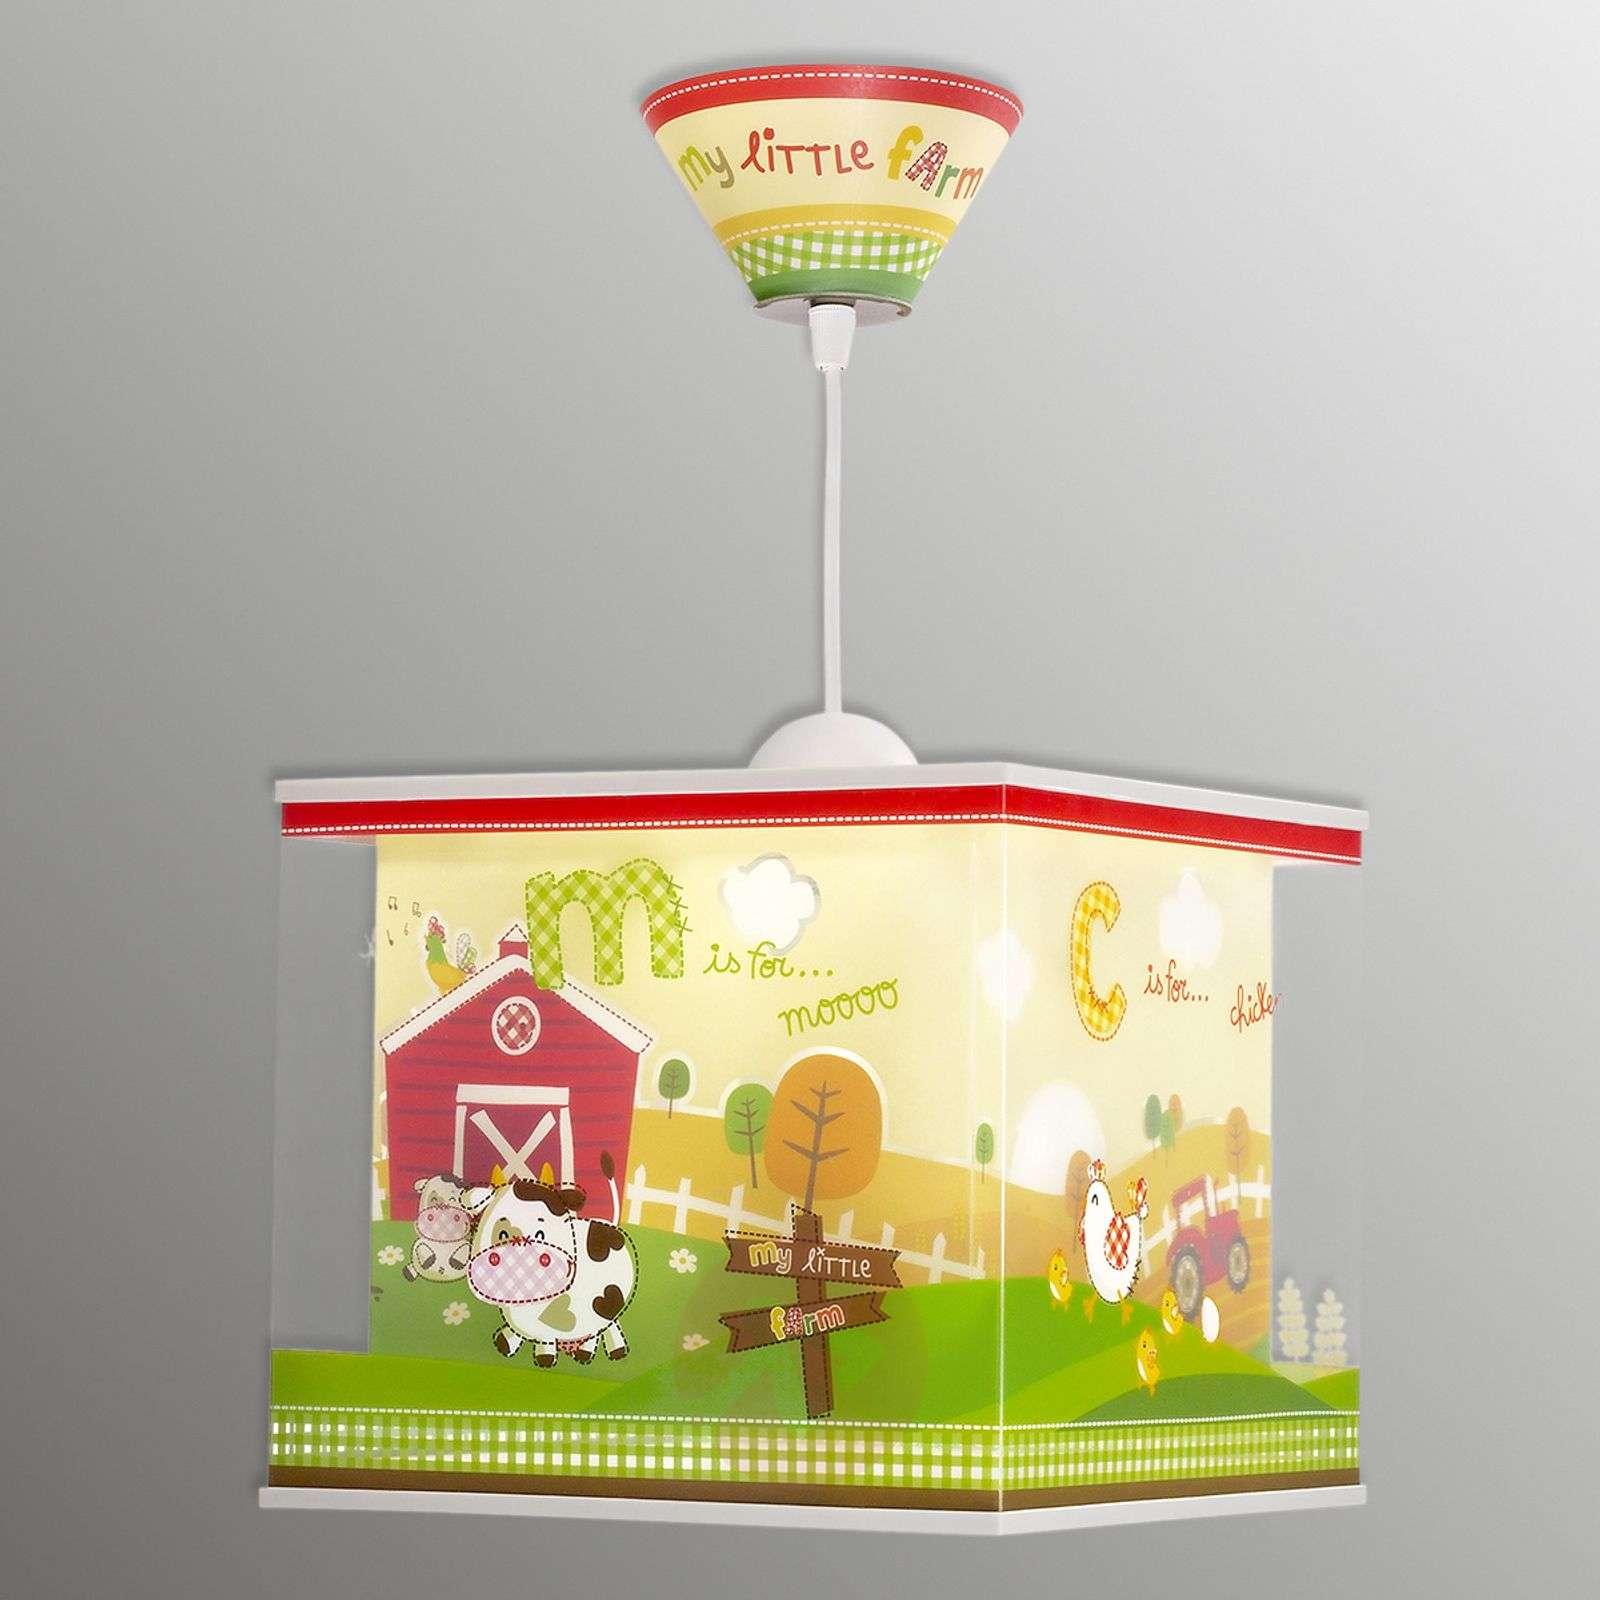 Maatila-aiheinen riippuvalaisin My Little Farm-2507353-01